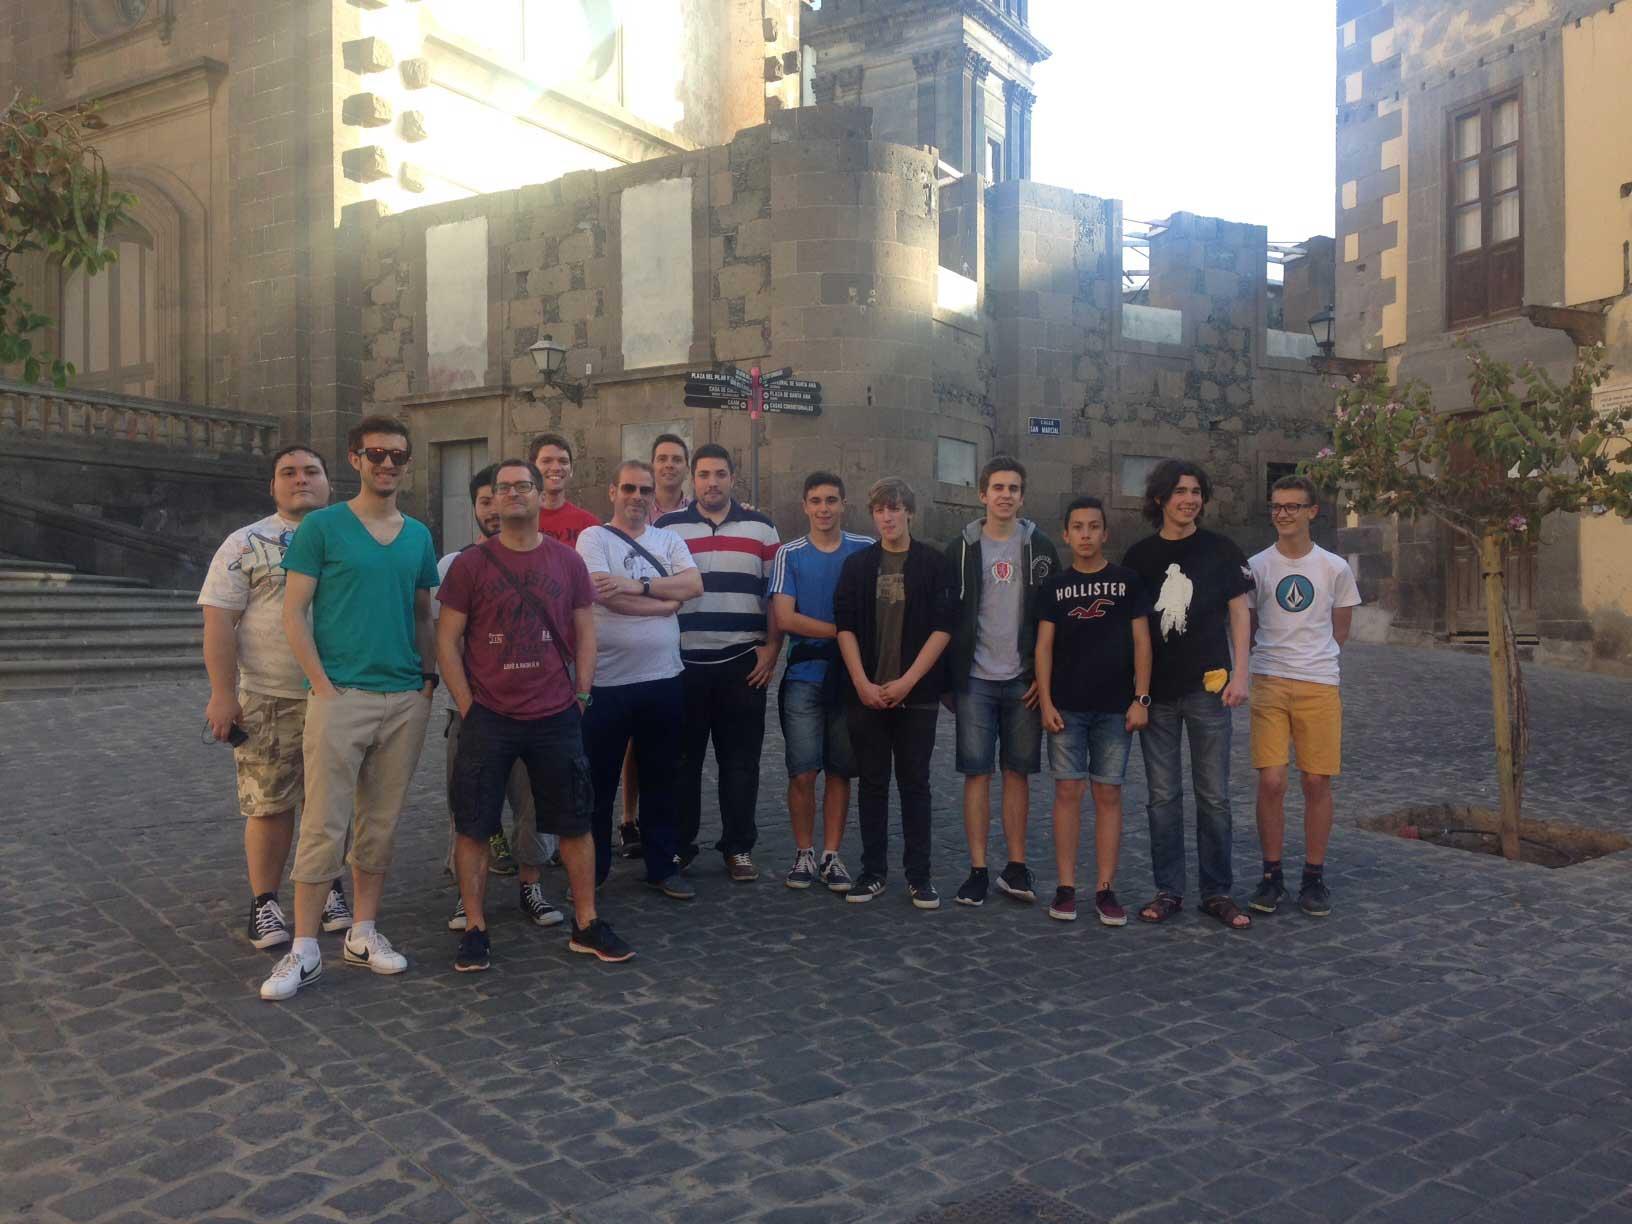 Los ganadores de Divulgaciencia'15 viajan a Gran Canaria